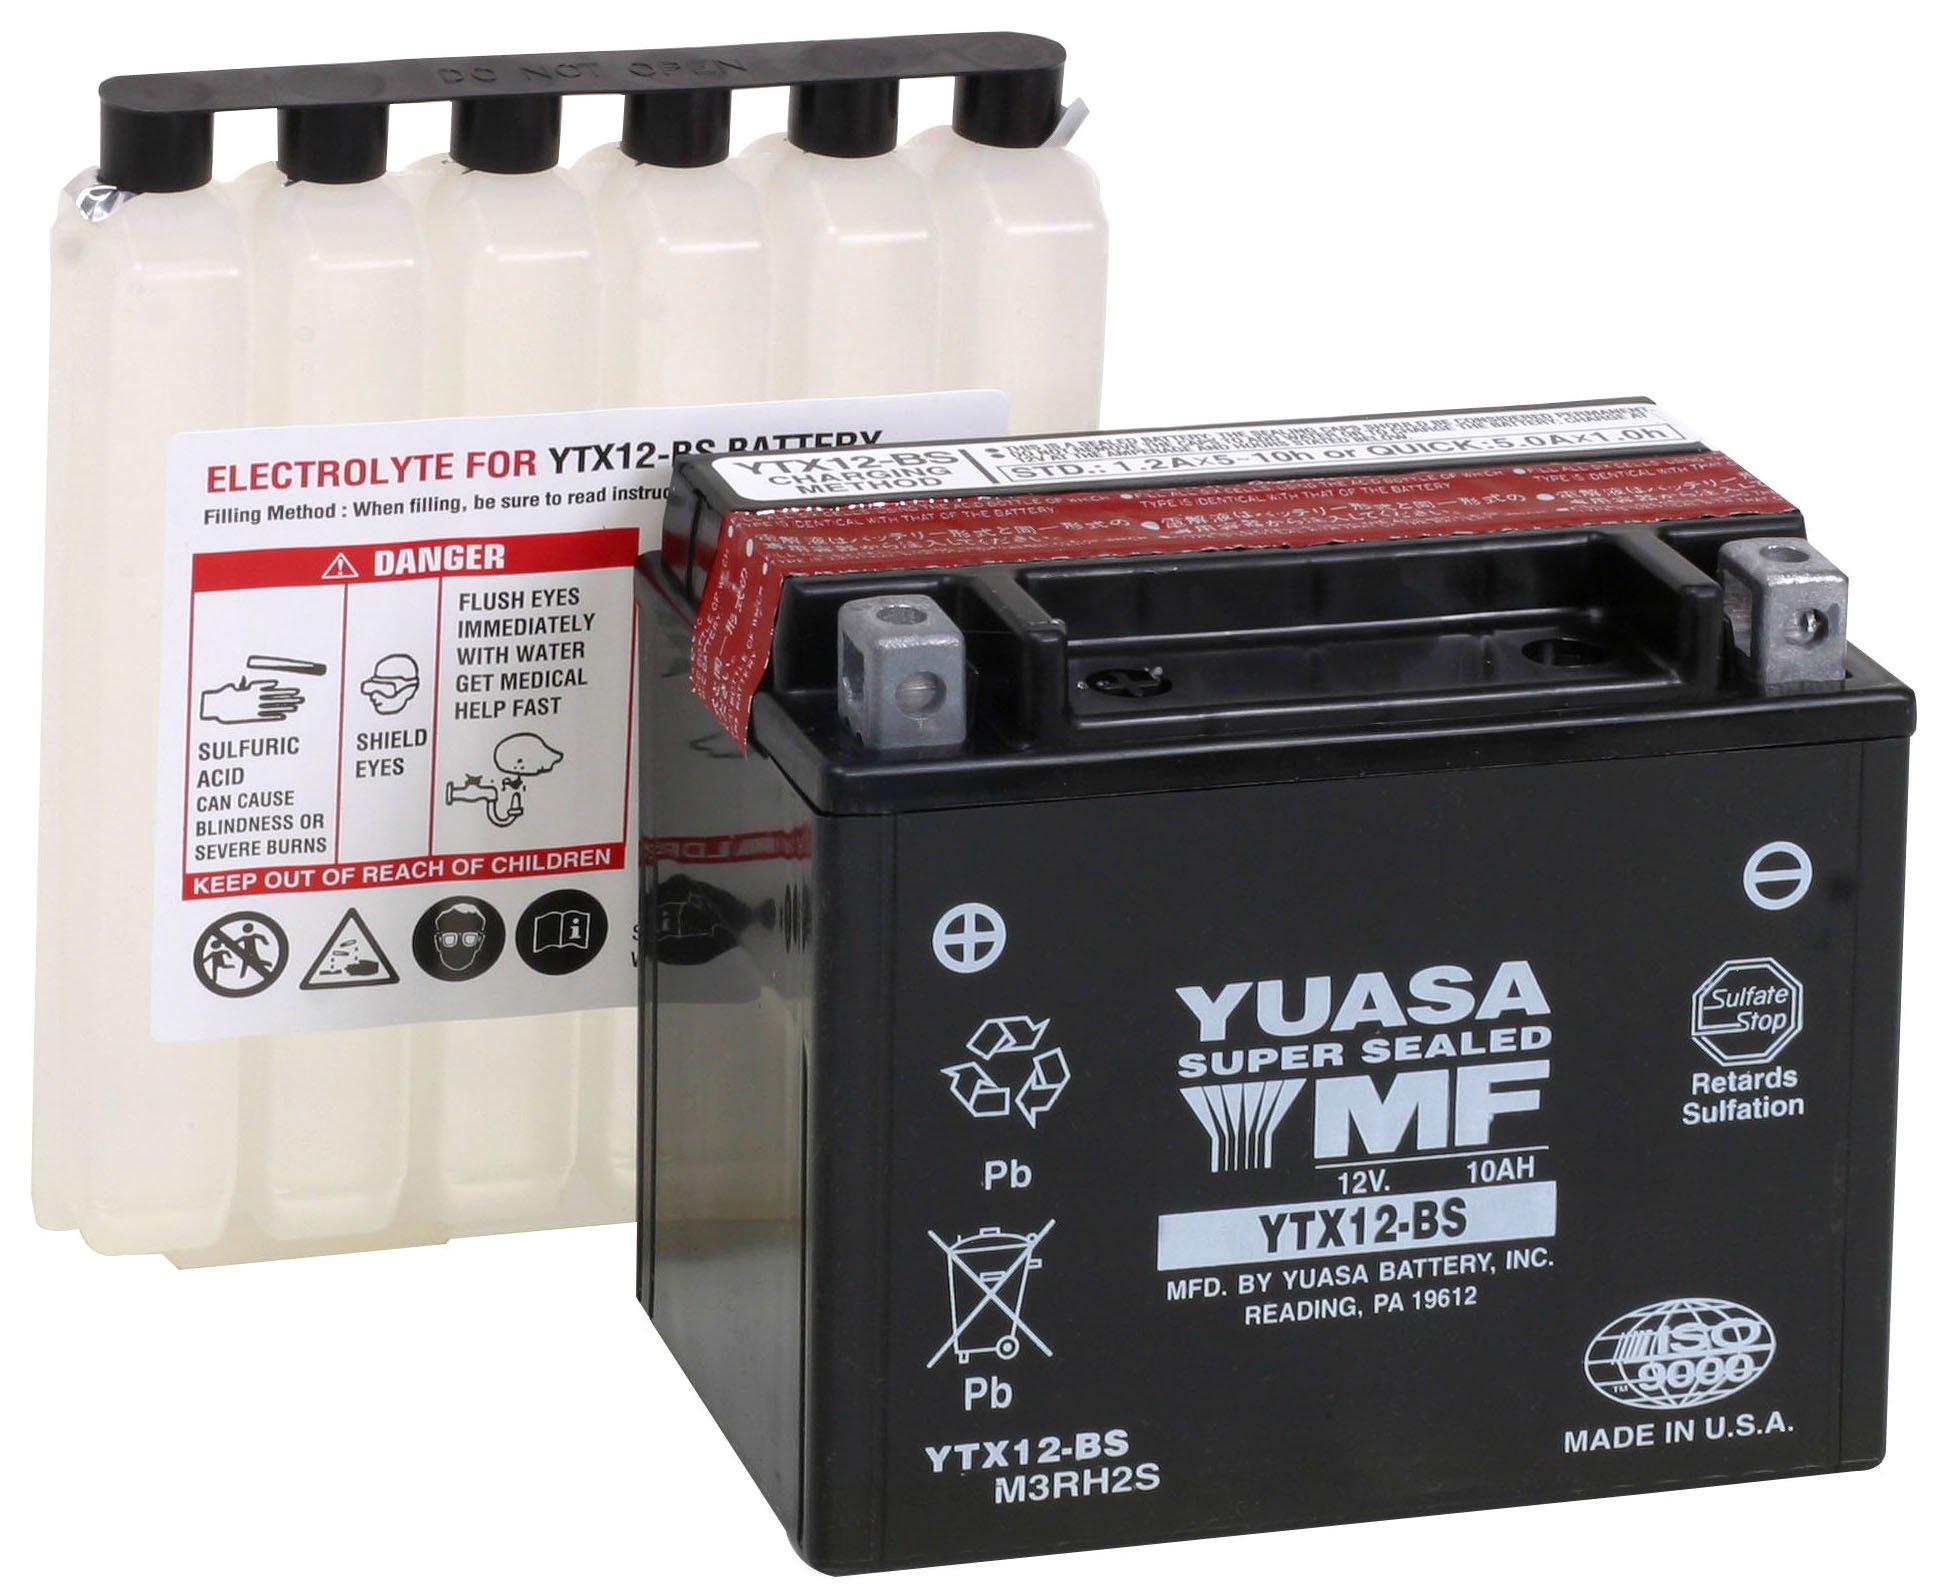 Yuasa YUAM3RH2S Lead_Acid_Battery by Yuasa